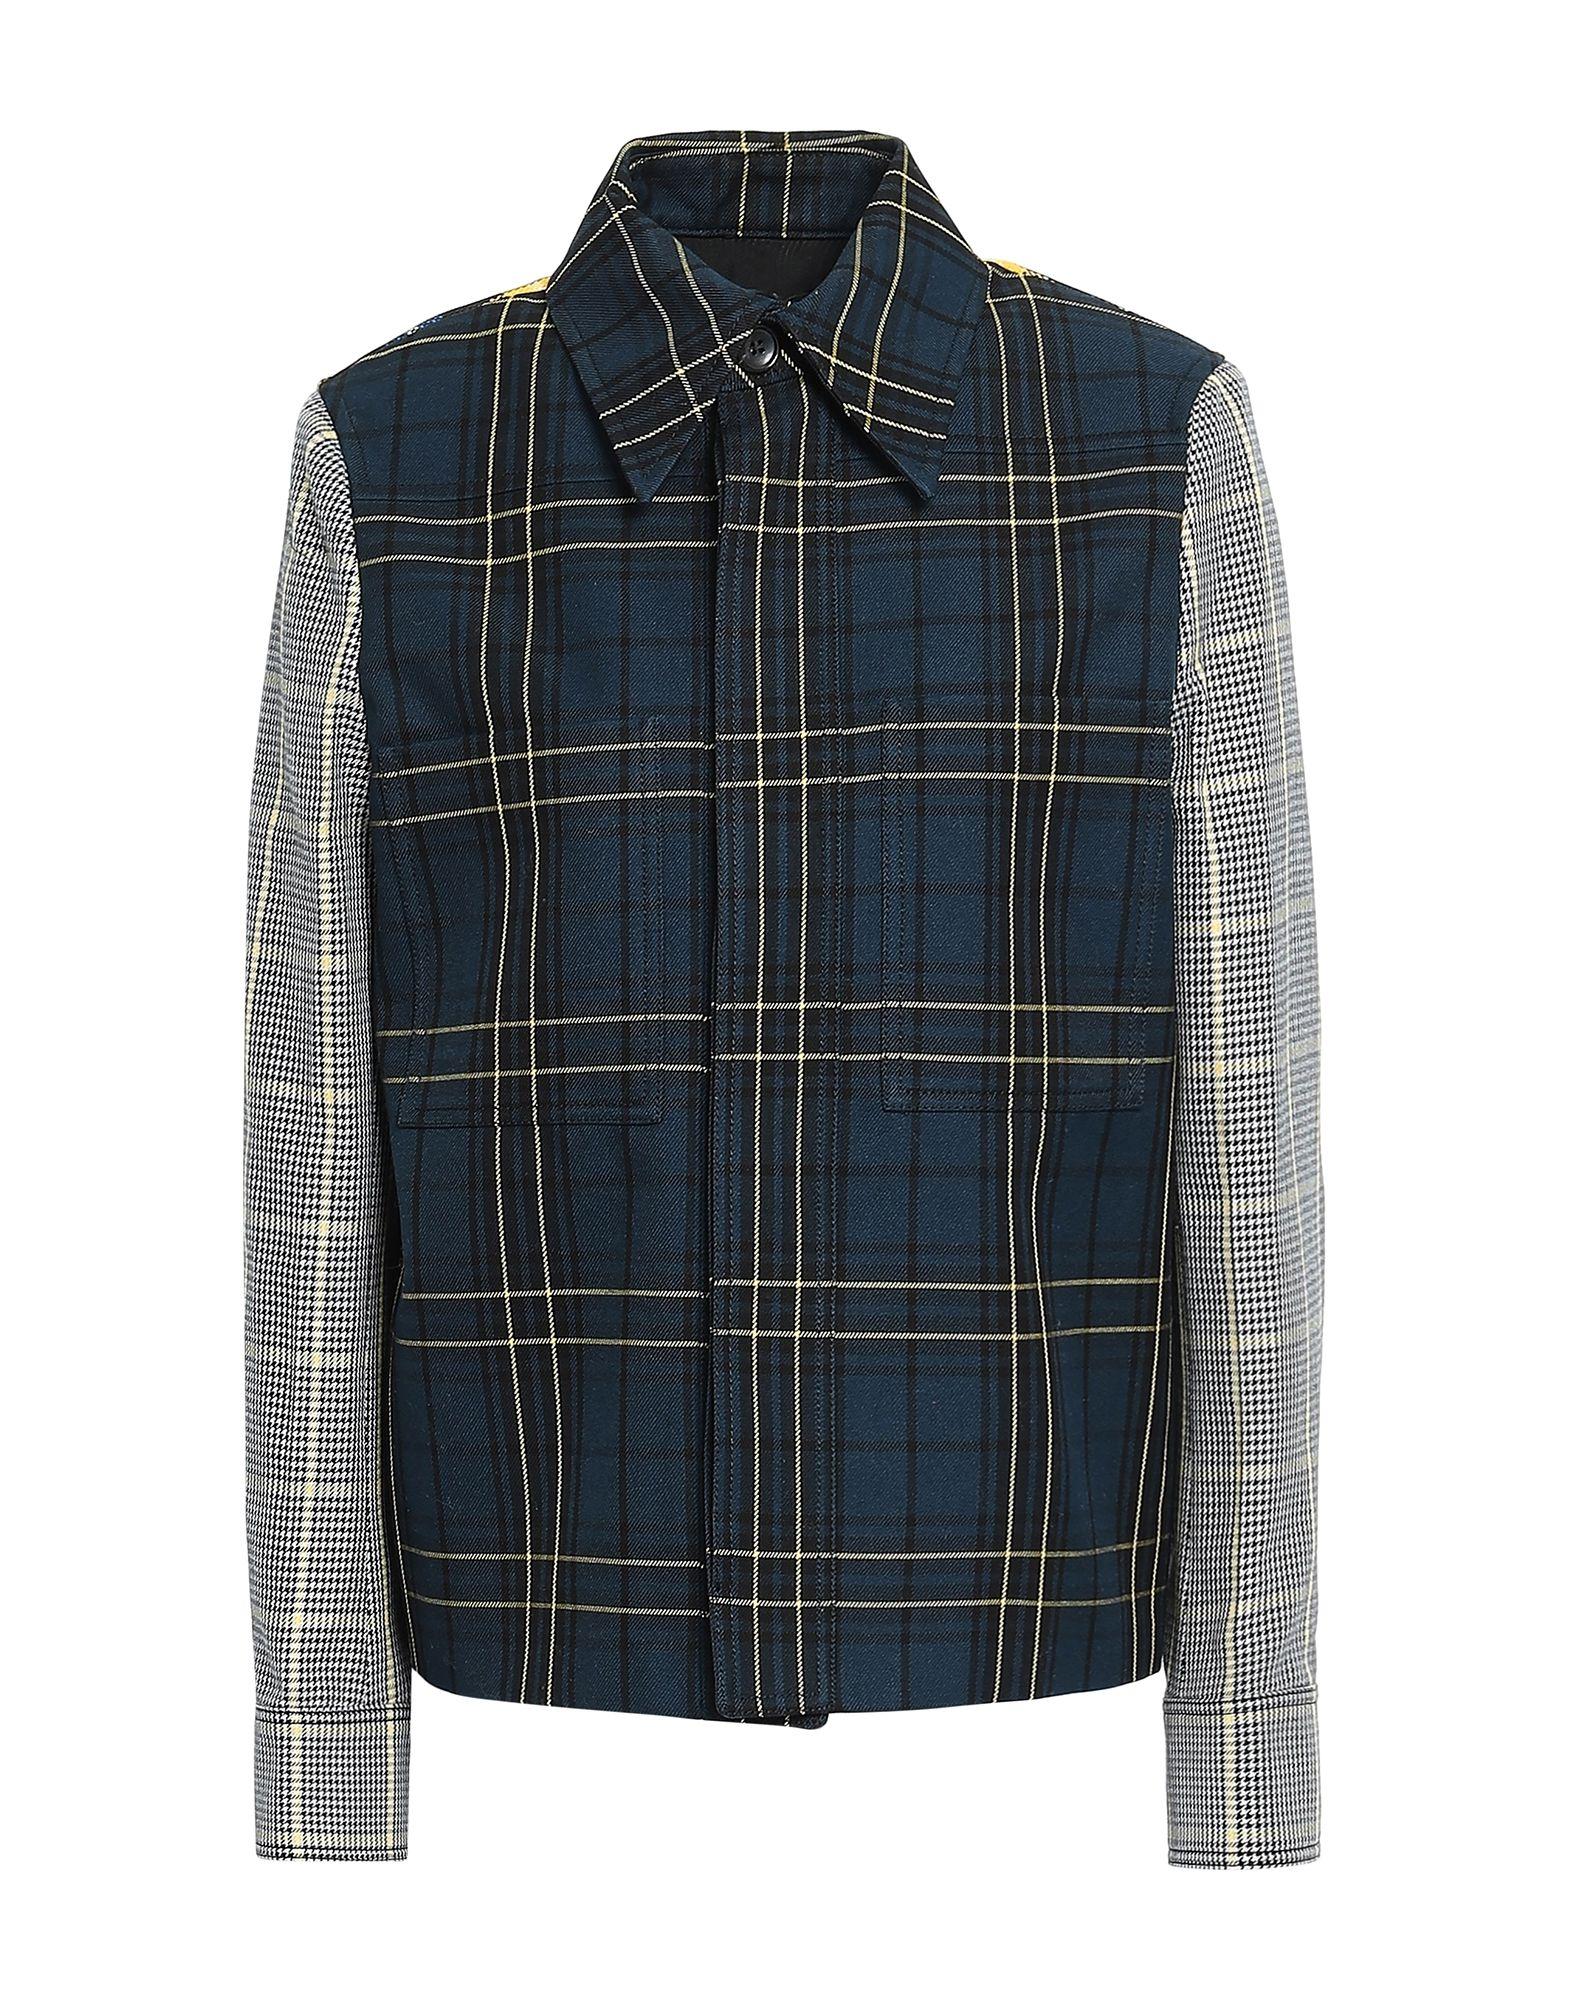 JOSEPH Suit jackets - Item 49575474